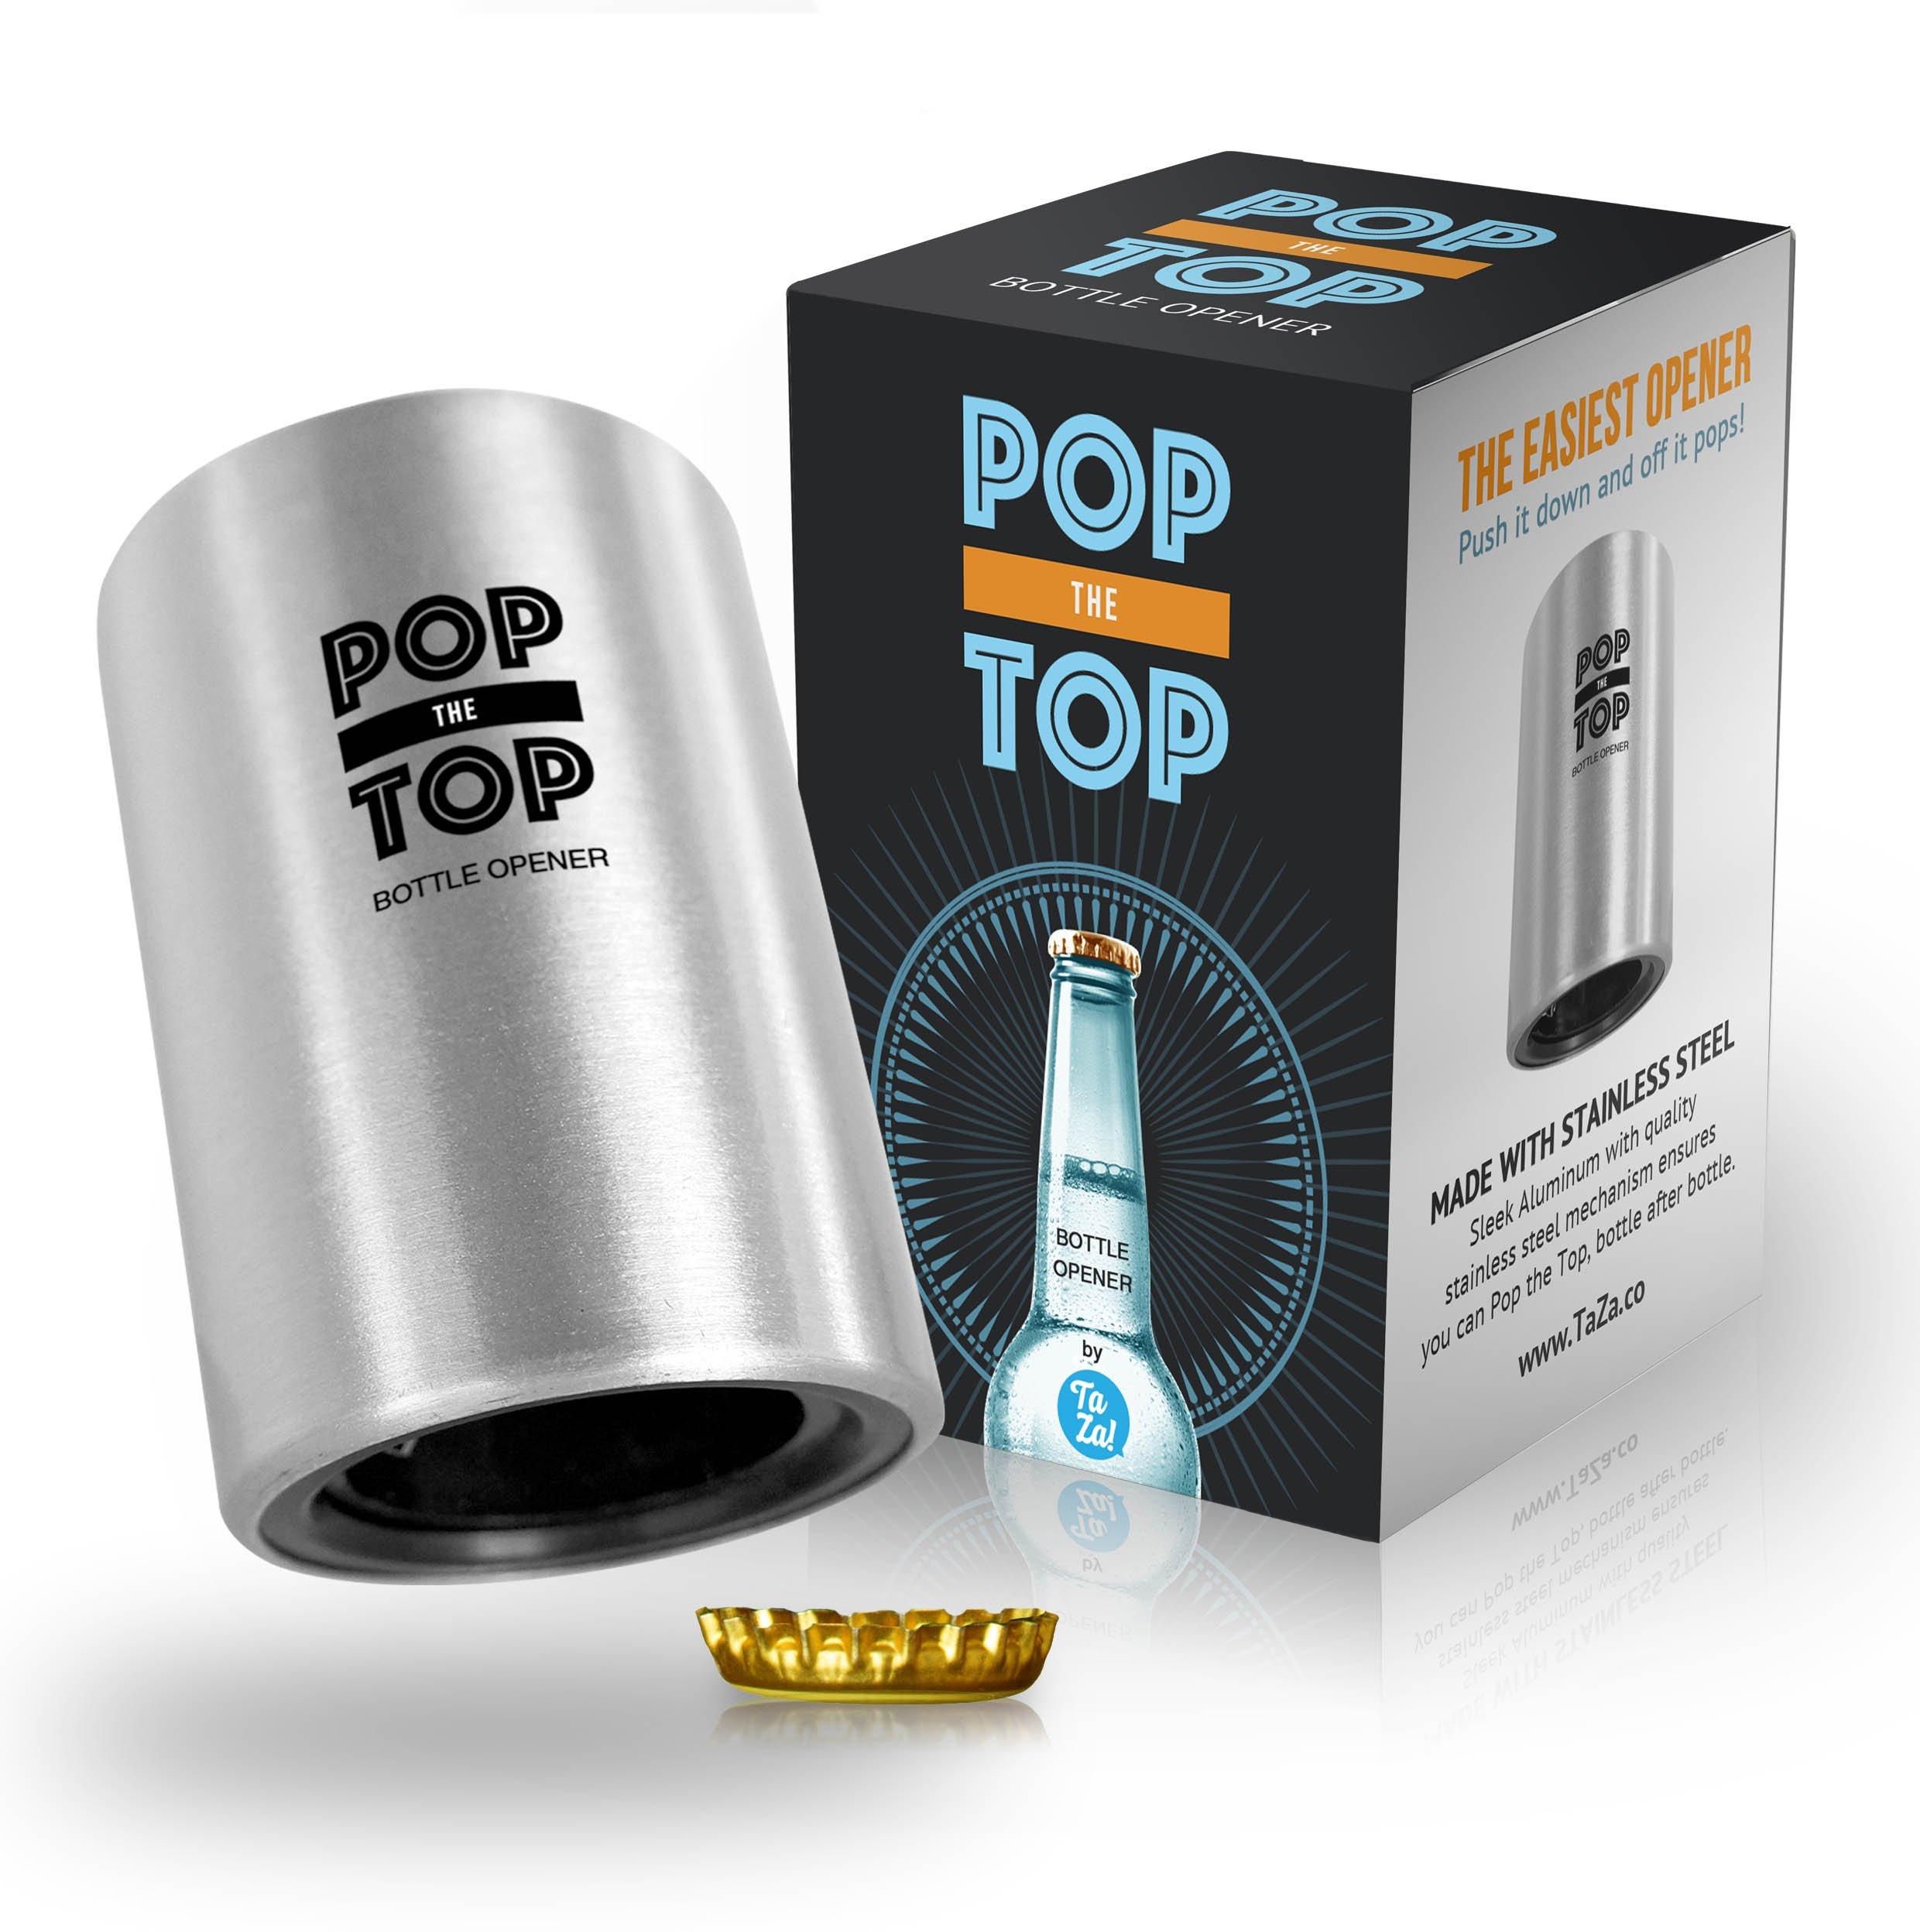 POP-TOP BEER BOTTLE OPENER